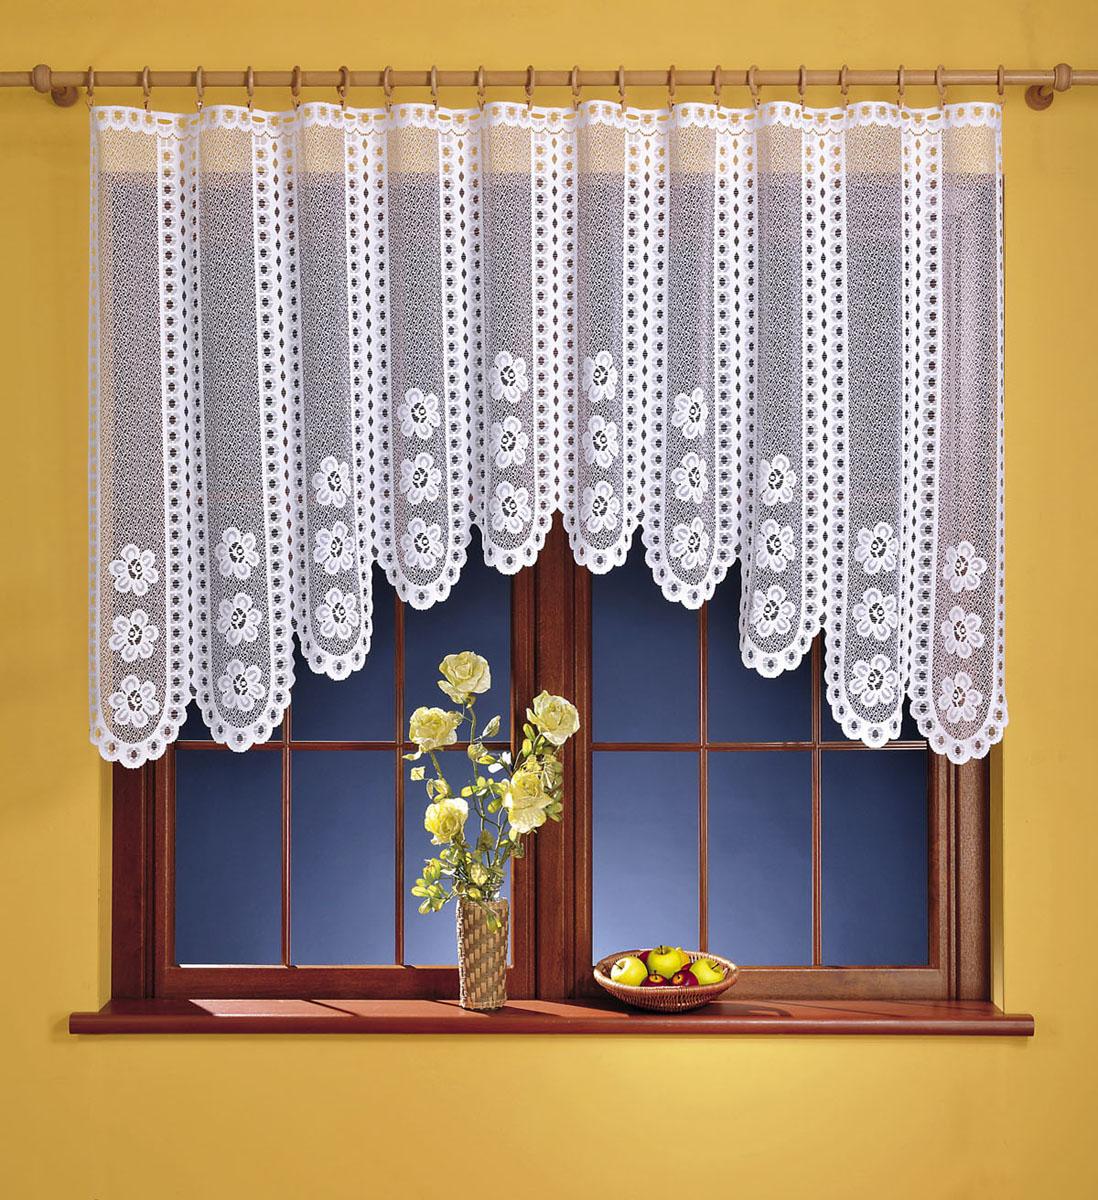 Гардина Kasia, цвет: белый, высота 120 см676187Гардина Kasia, изготовленная из полиэстера белого цвета, станет великолепным украшением любого окна. Тонкое плетение, оригинальный дизайн и красивый цветочный узор привлекут к себе внимание и органично впишутся в интерьер комнаты. Верхняя часть гардины не оснащена креплениями.